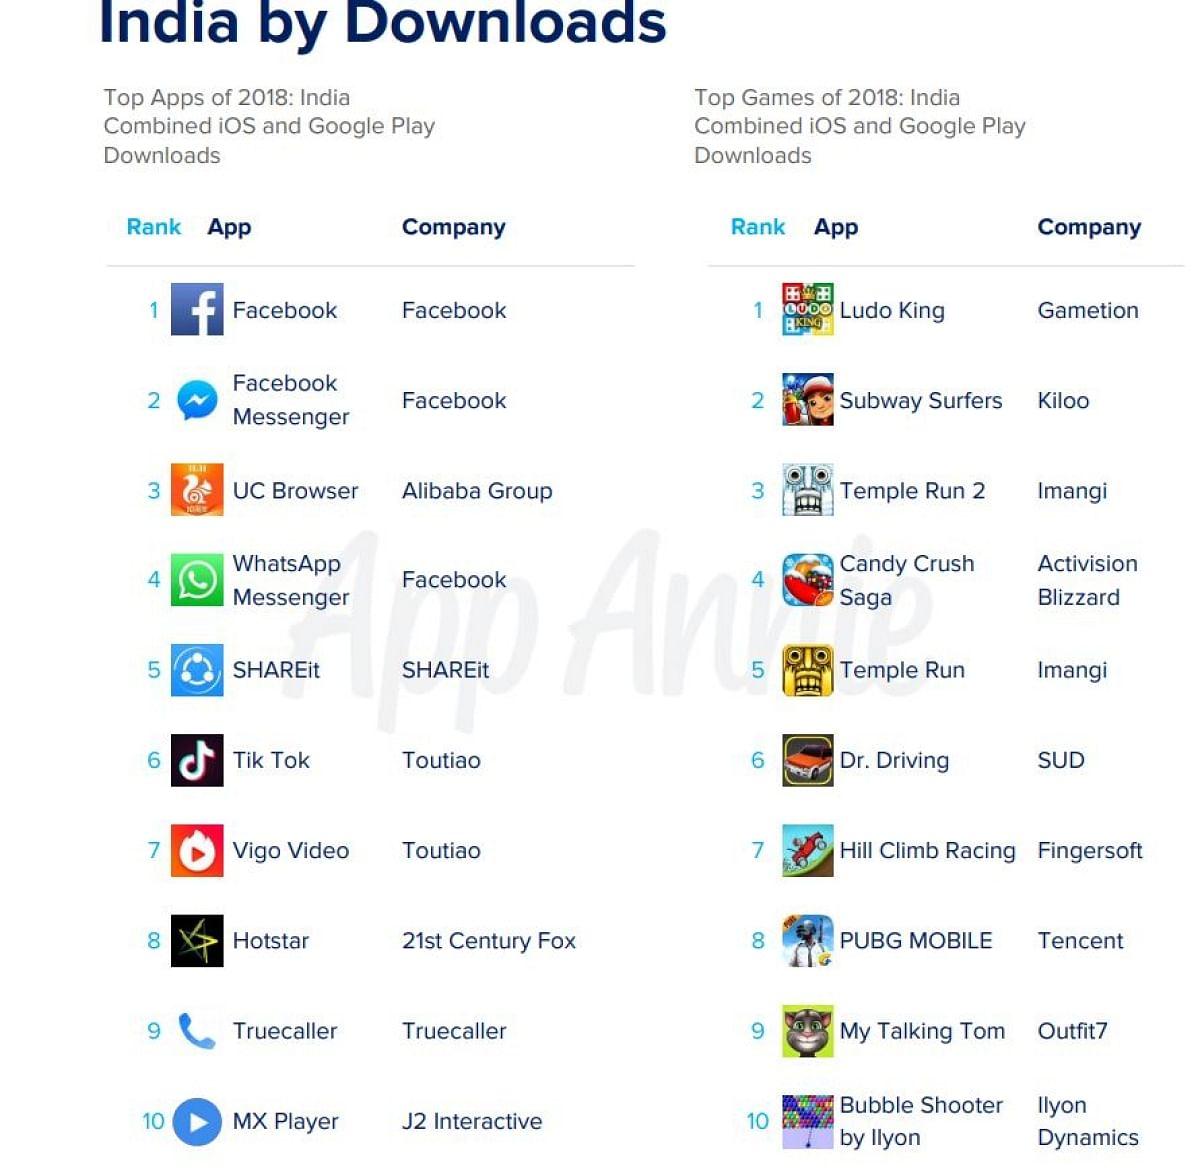 टिक टॉक 2018 में भारत में डाउनलोड किए गए टॉप 10 ऐप में से एक था